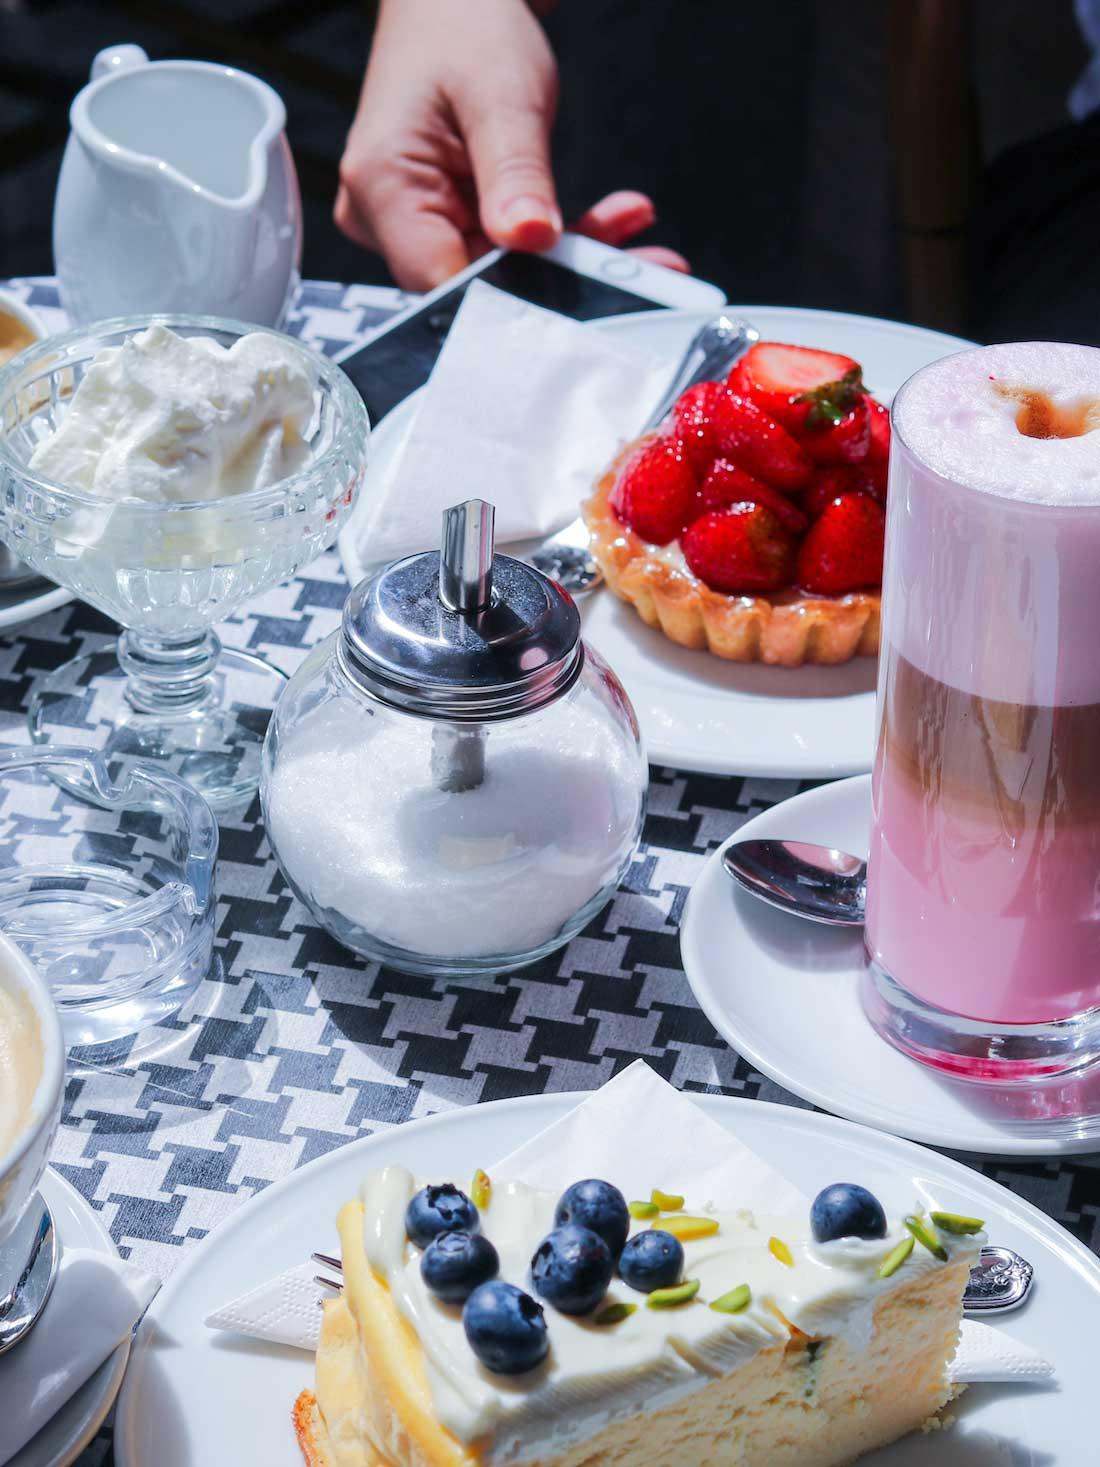 Bitter und zart frankfurt kuchen und kaffee 09 wtf ivi for Kuchen frankfurt